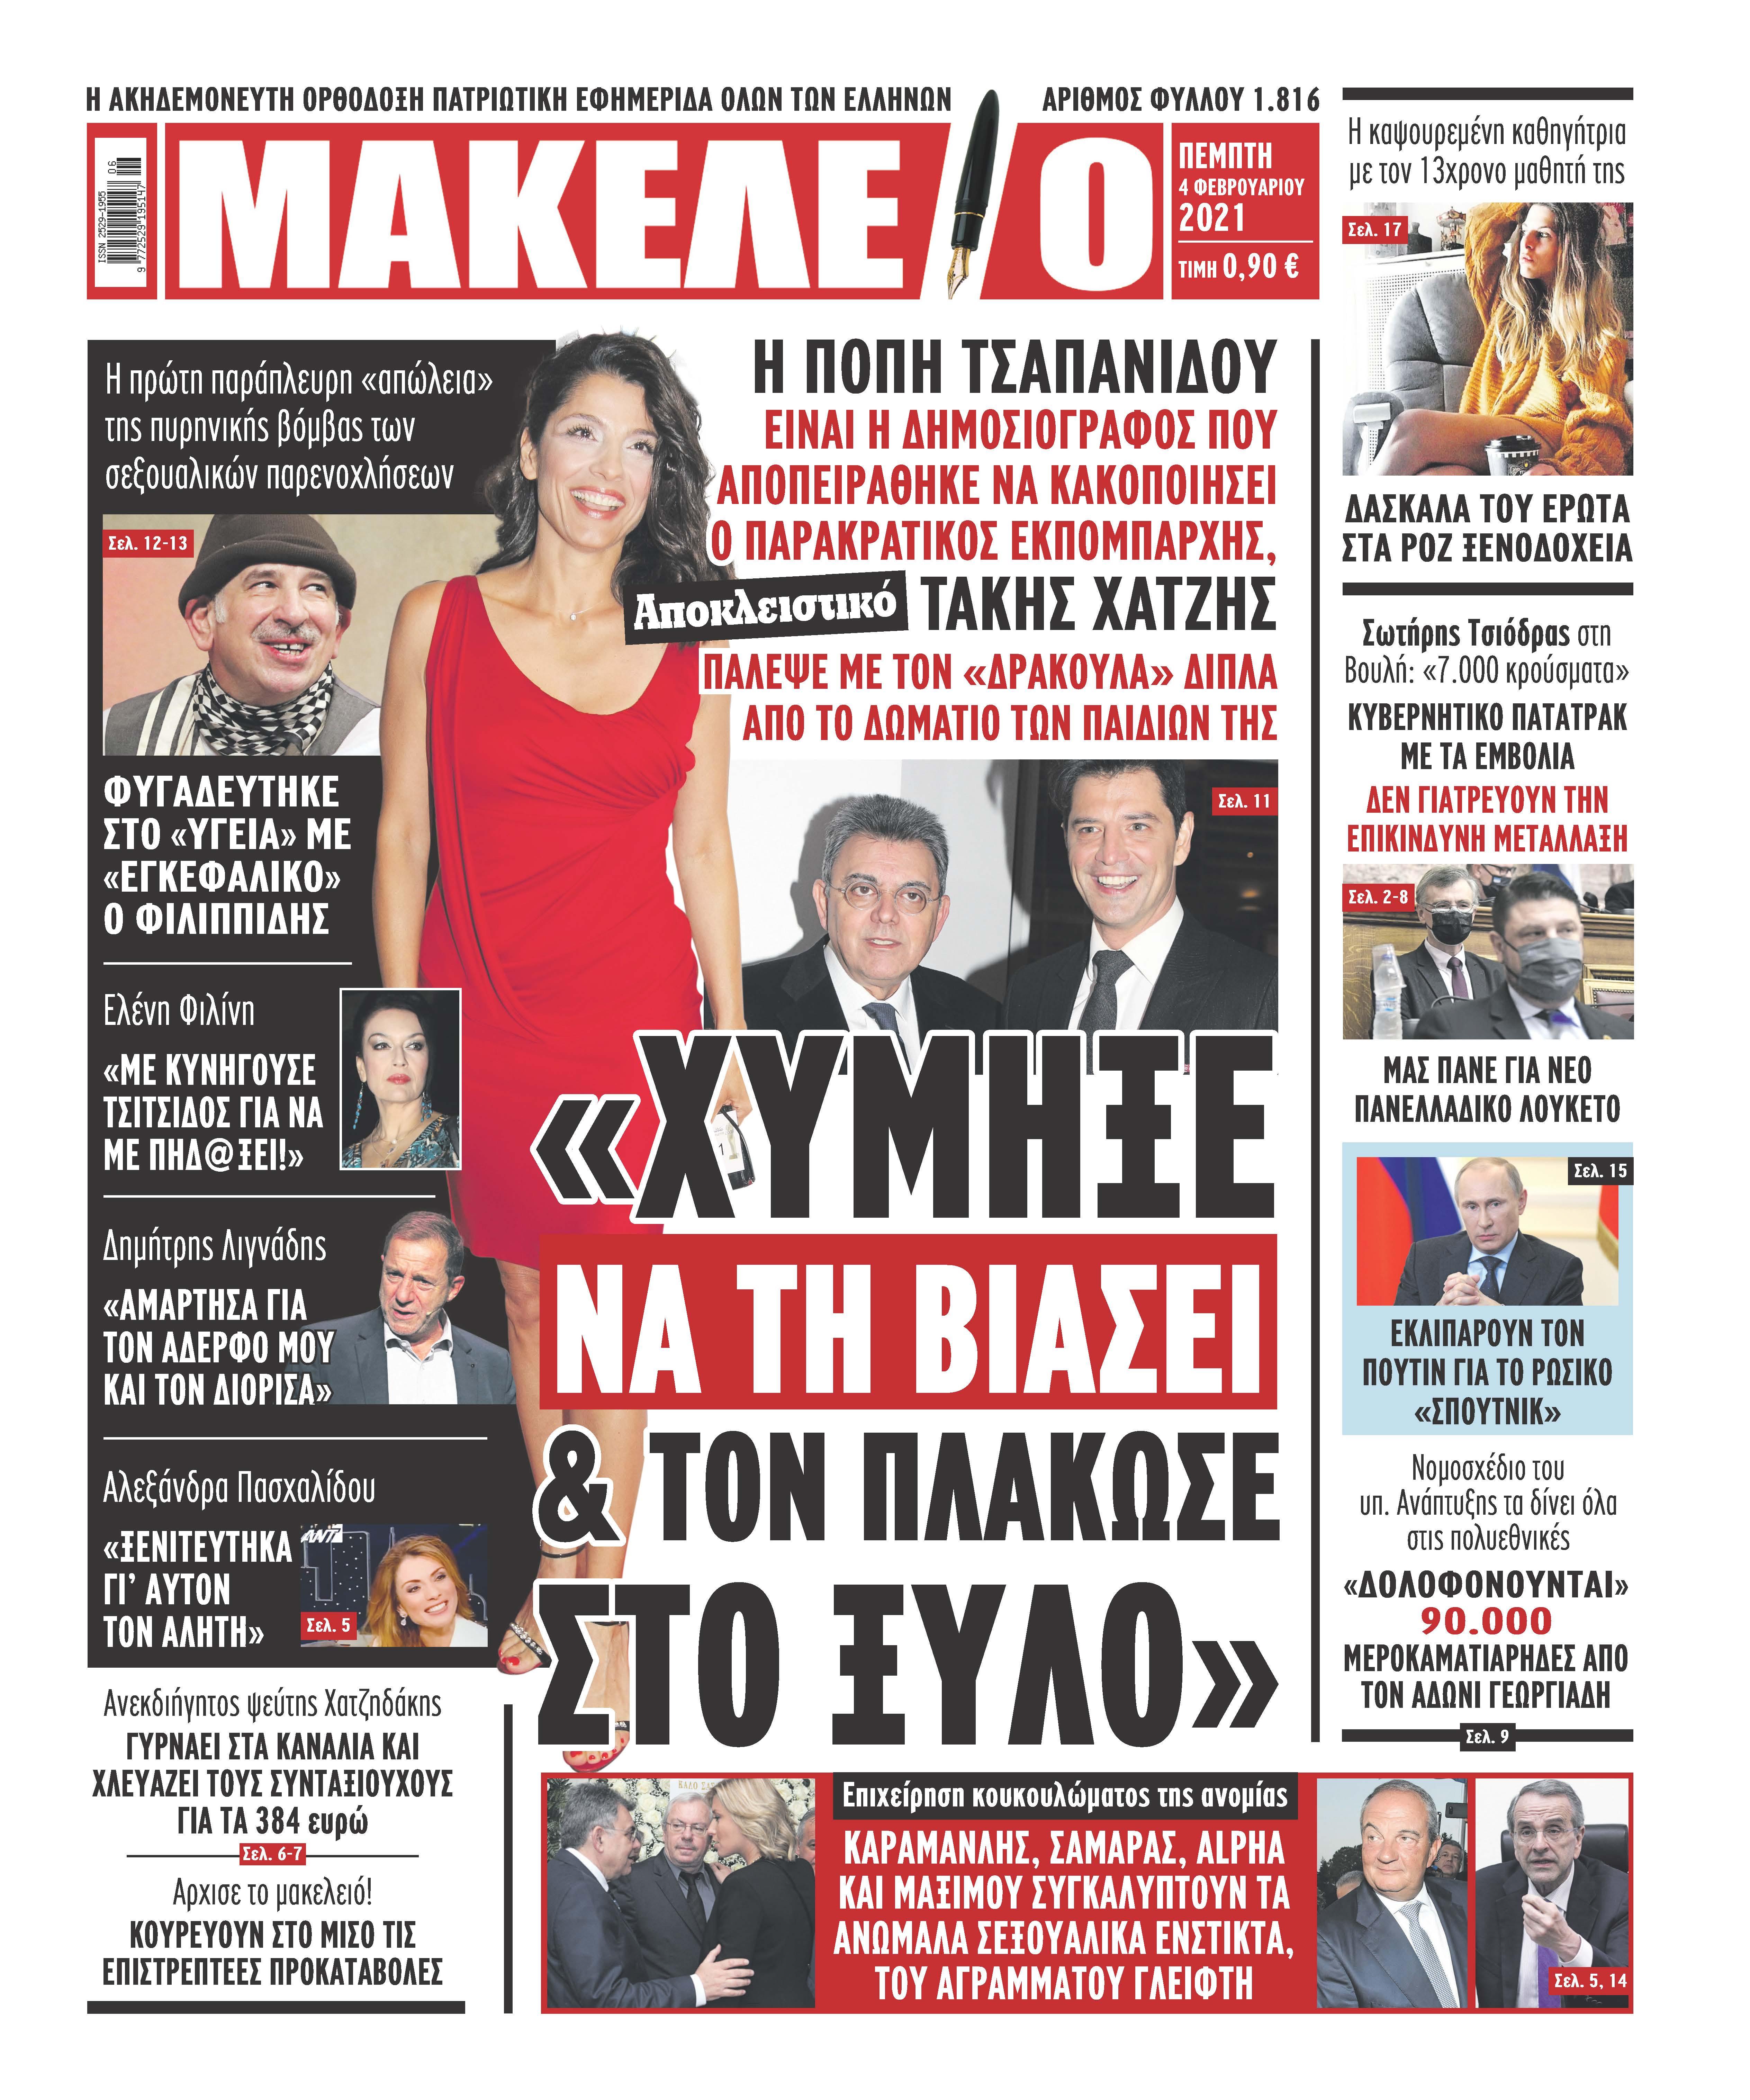 makeleio 01 04-02-2021 (1)